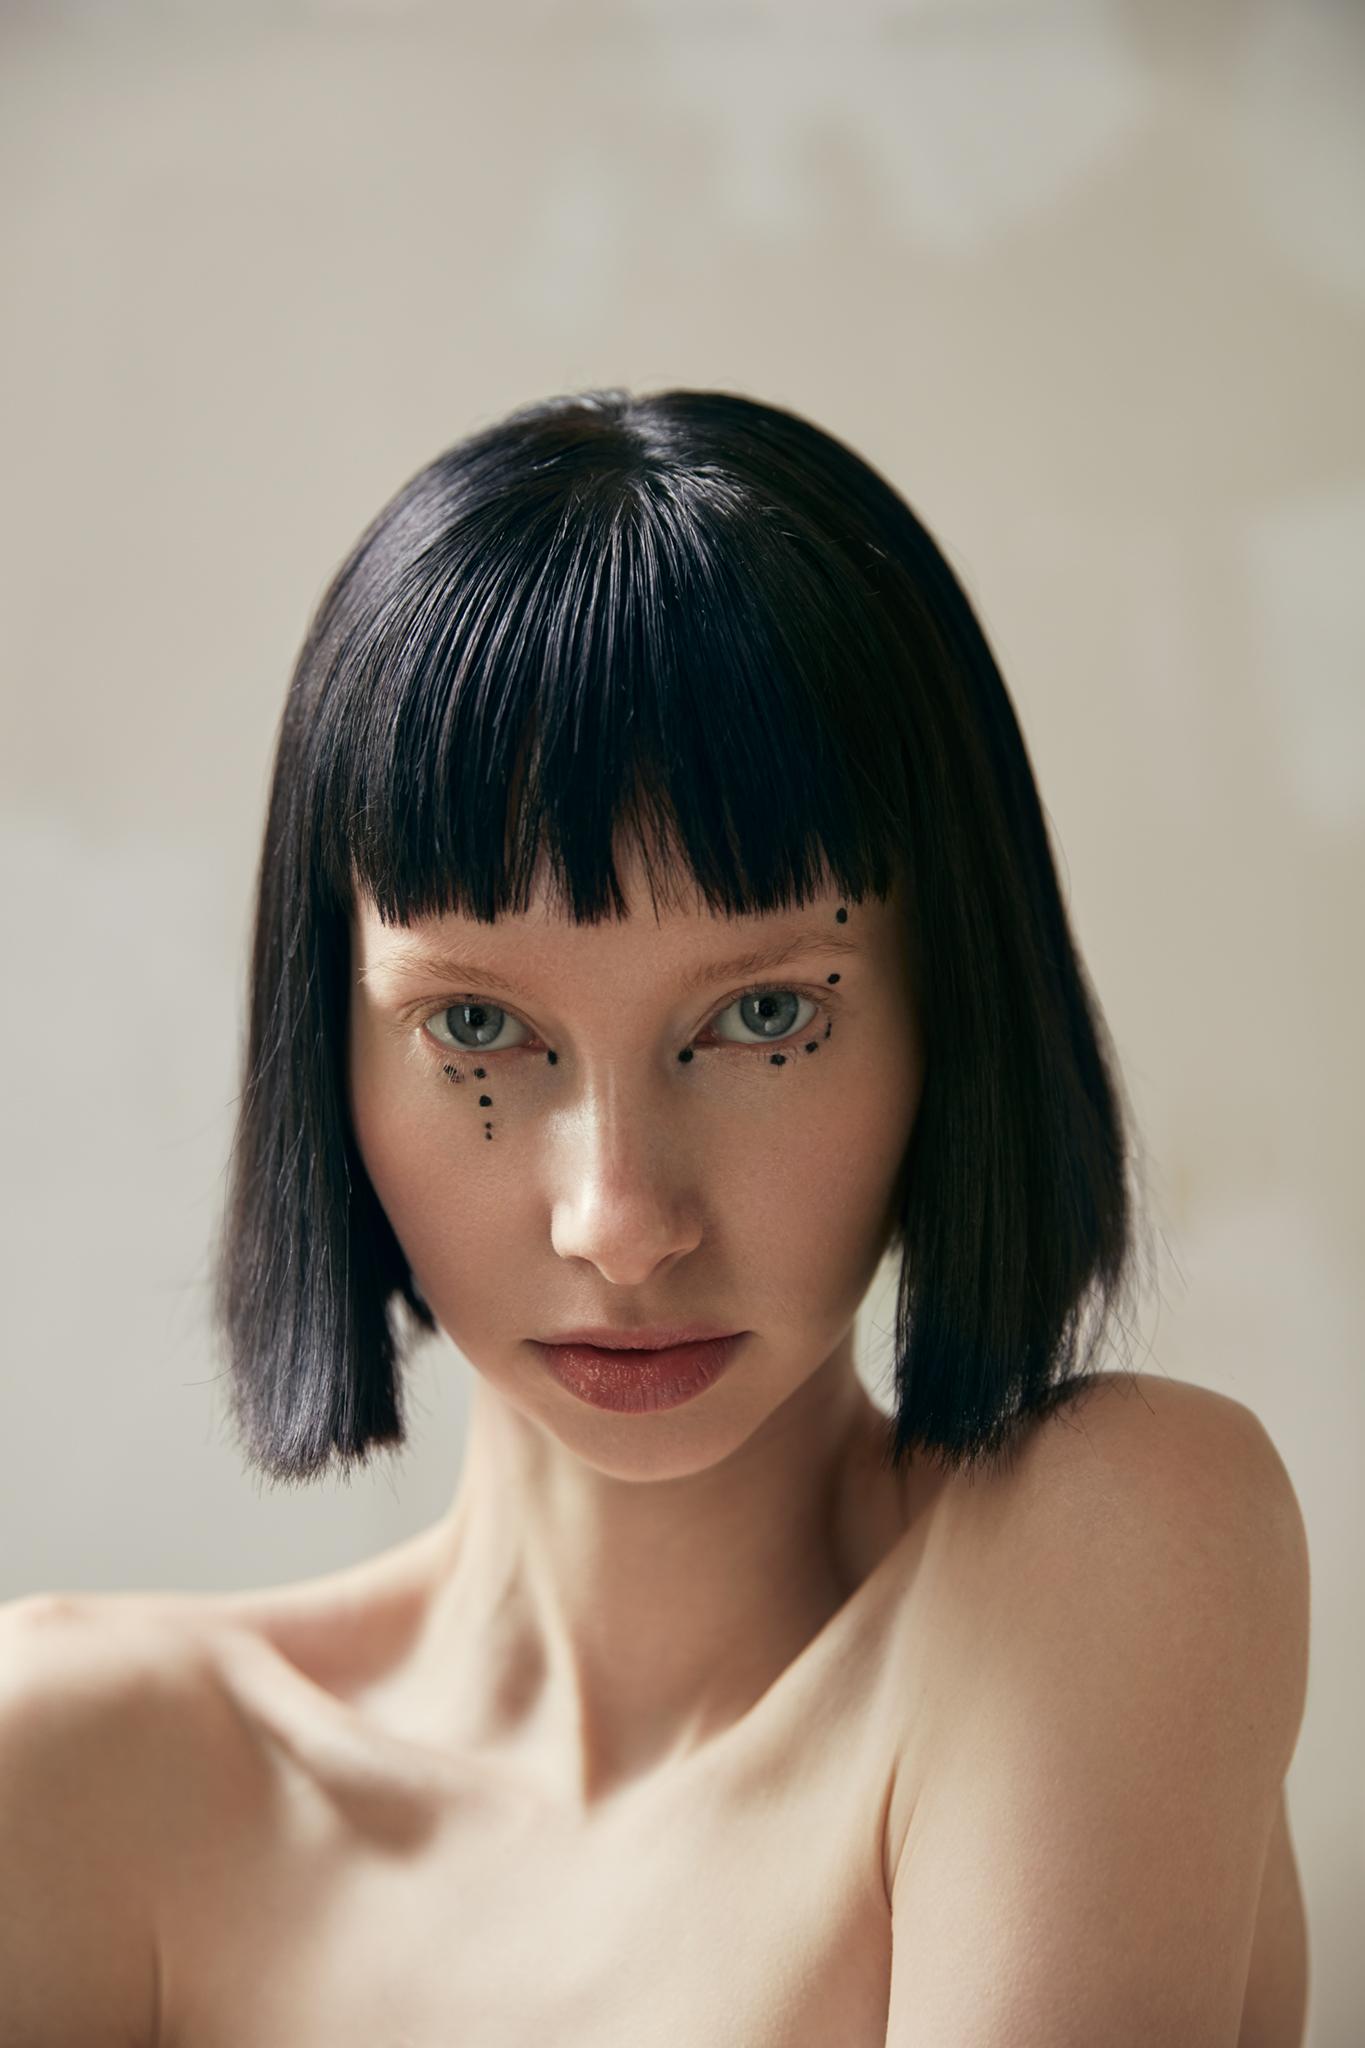 Marina Murasheva_beauty editorial_no goodbyes_4.jpg